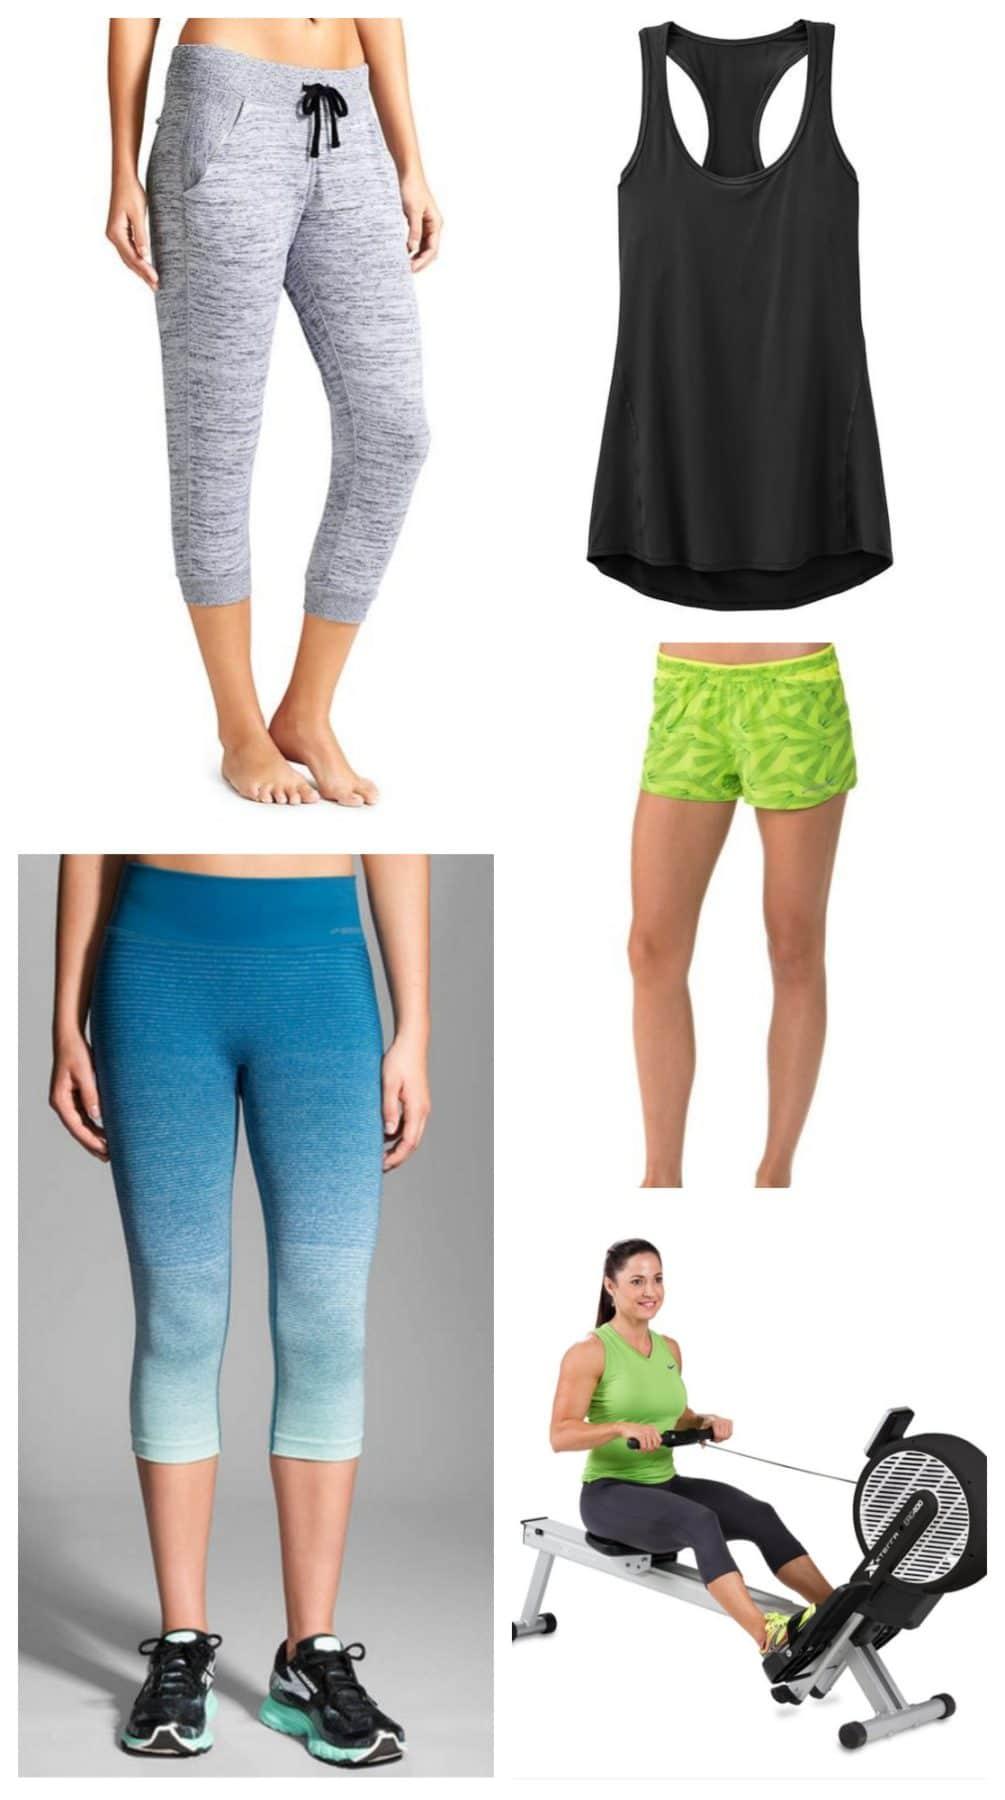 deals-on-workout-gear